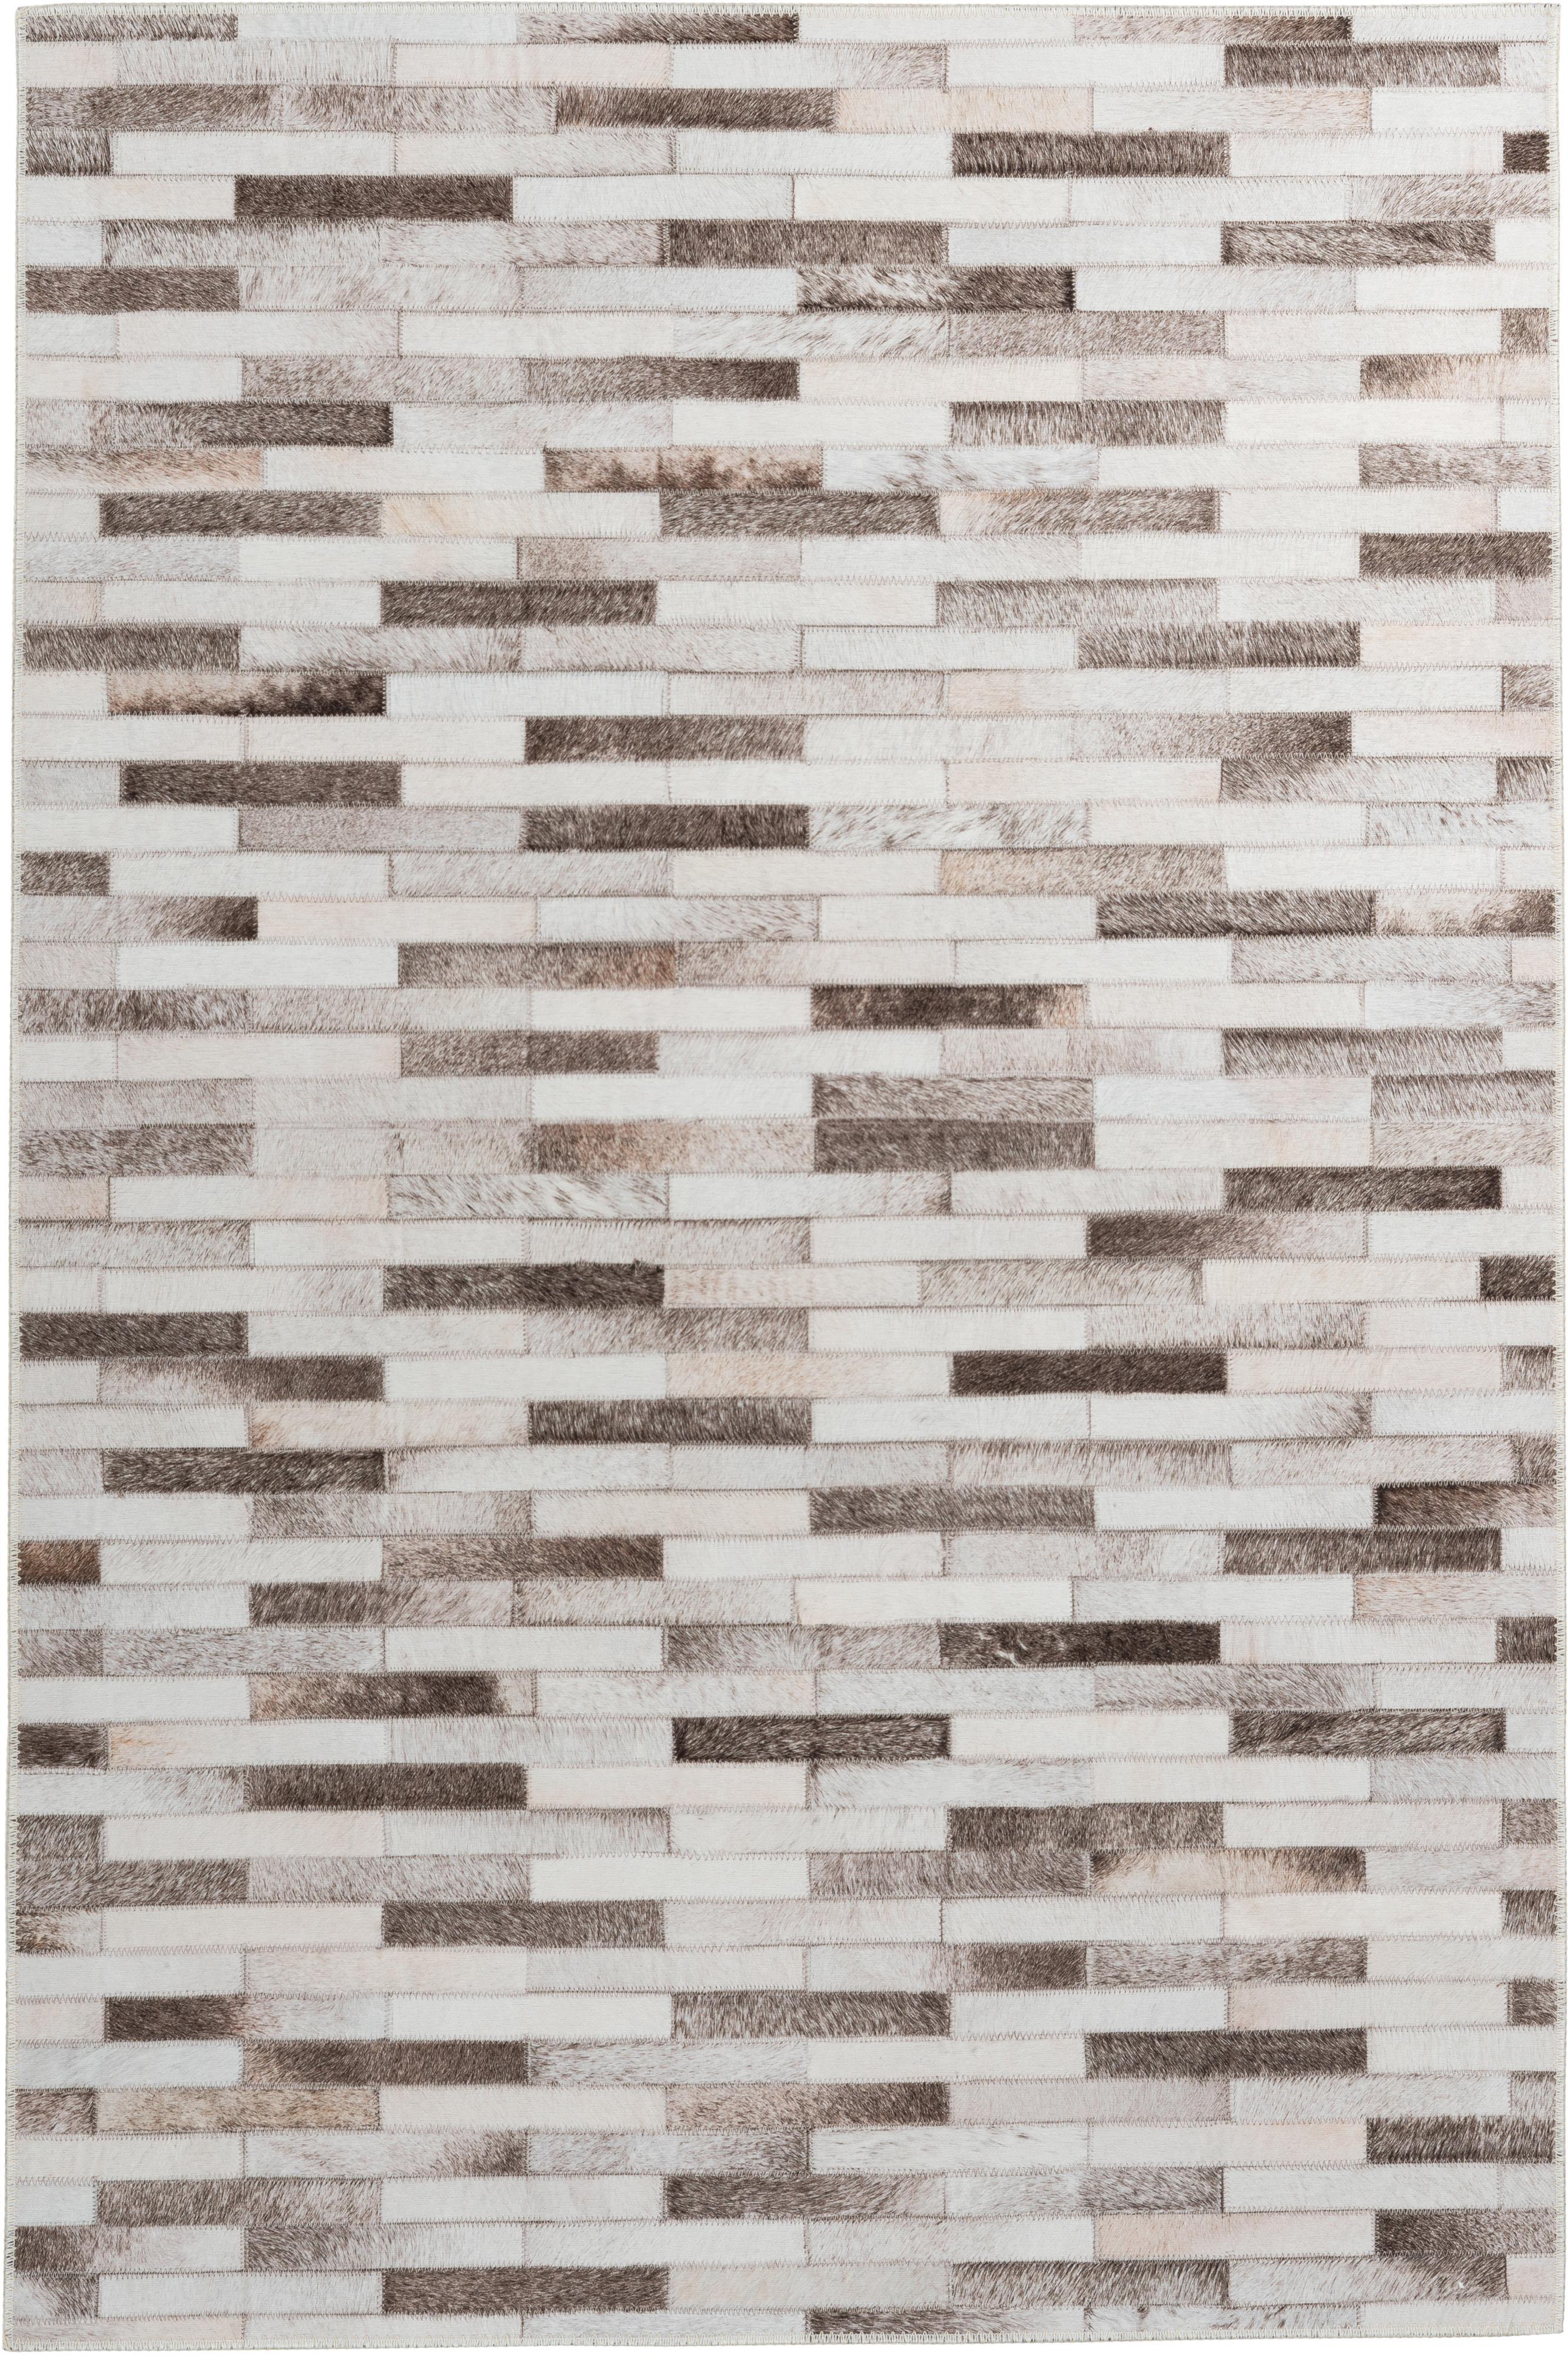 Teppich My Bonanza, Flor: 100% Polyester, Beige- und Brauntöne, B 80 x L 150 cm (Größe XS)